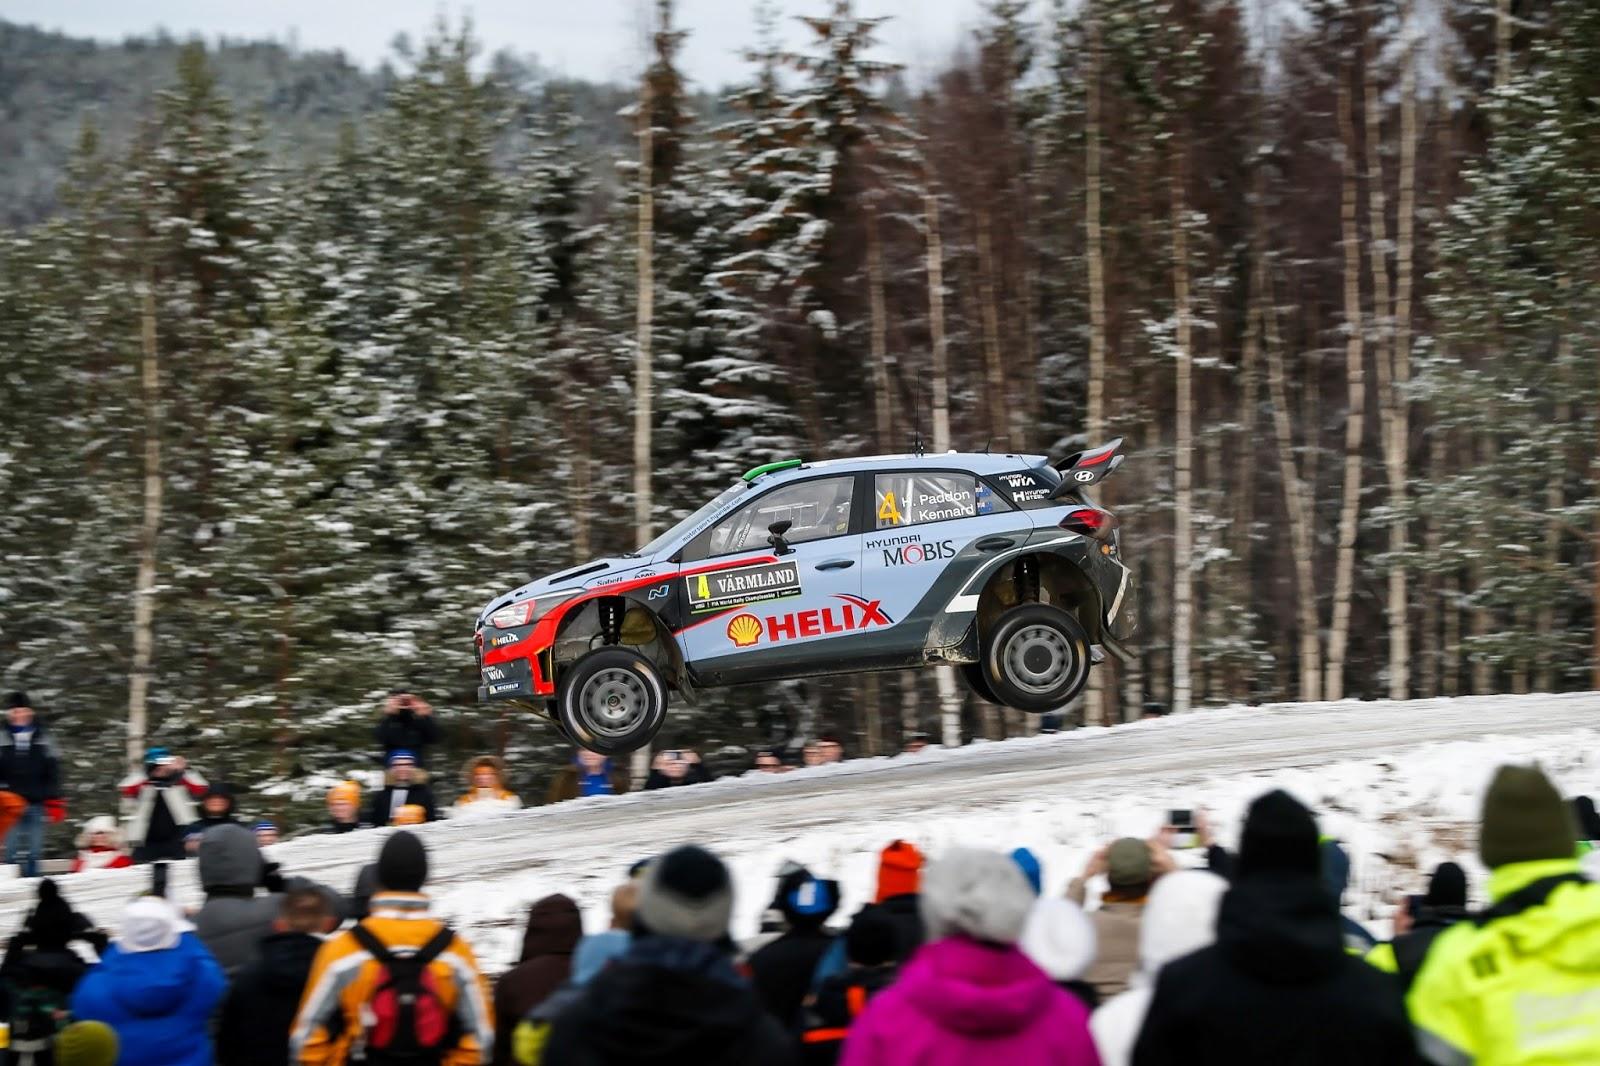 160215 WRC%2BSweden%2BPodium%2B1 Η Hyundai Motorsport κατέκτησε τη 2η θέση στο Ράλι Σουηδίας Hyundai, Hyundai i20, Hyundai i20 WRC, Rally, videos, WRC